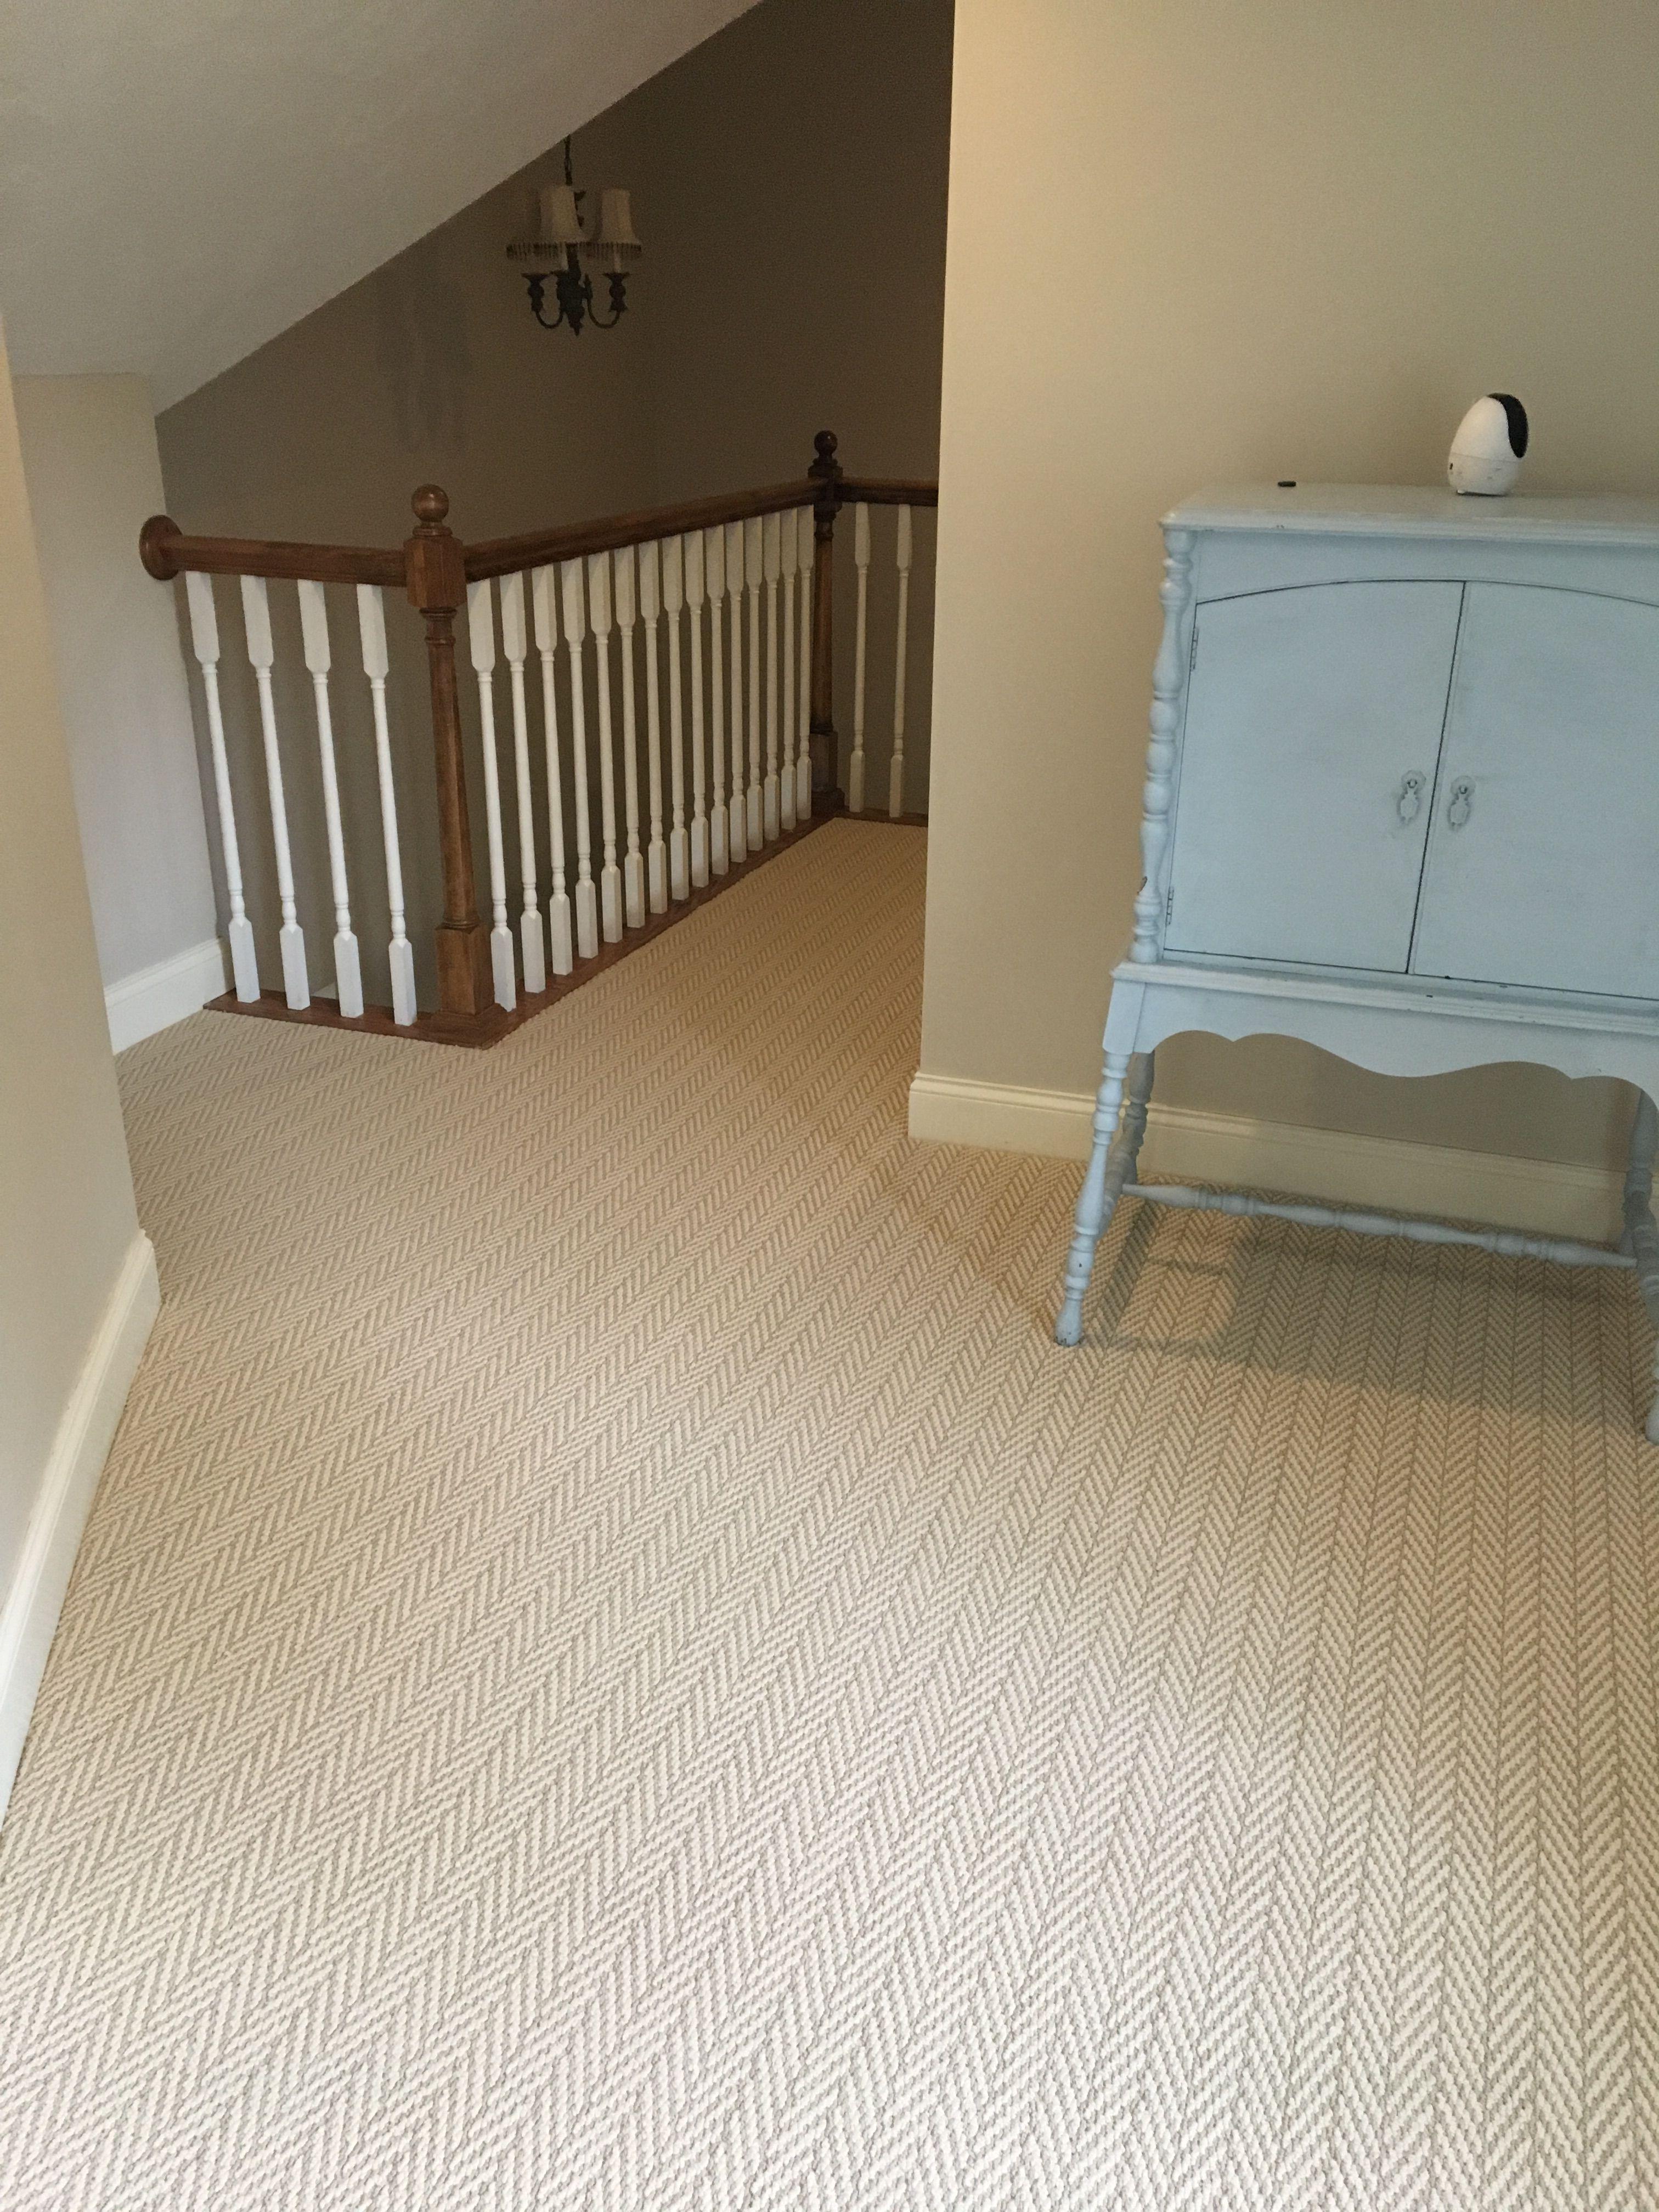 Lowes Stainmaster Apparent Beauty Whisper Berber Carpet Room Carpet Carpet Design Living Room Carpet